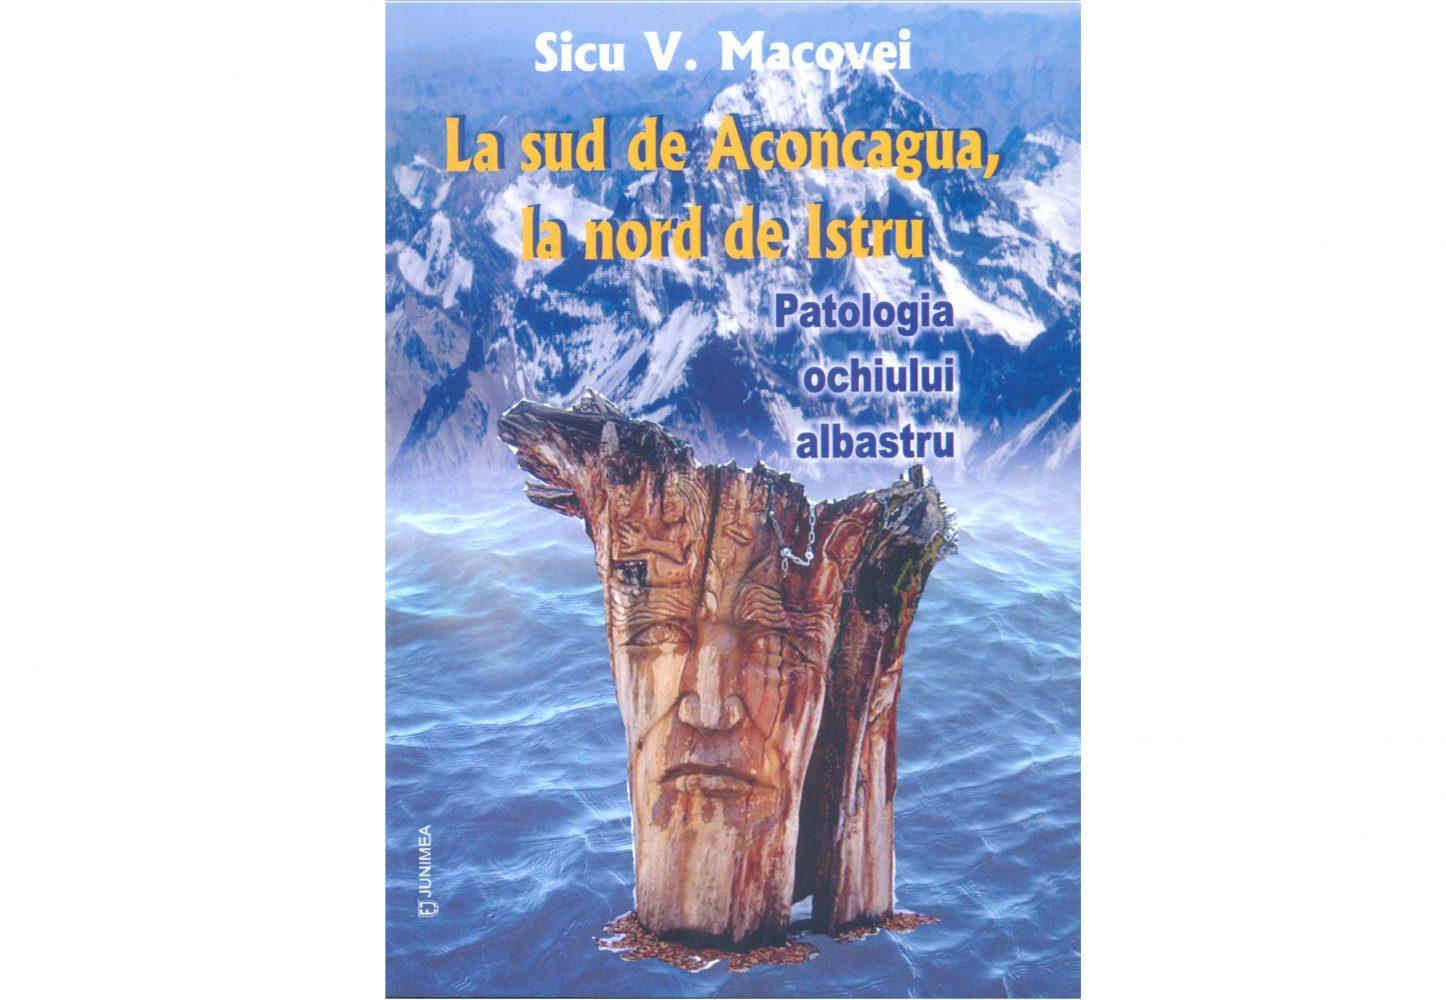 """Lansare volum ,,La sud de Aconcagua, la nord de Istru"""" de Sicu V. Macovei"""